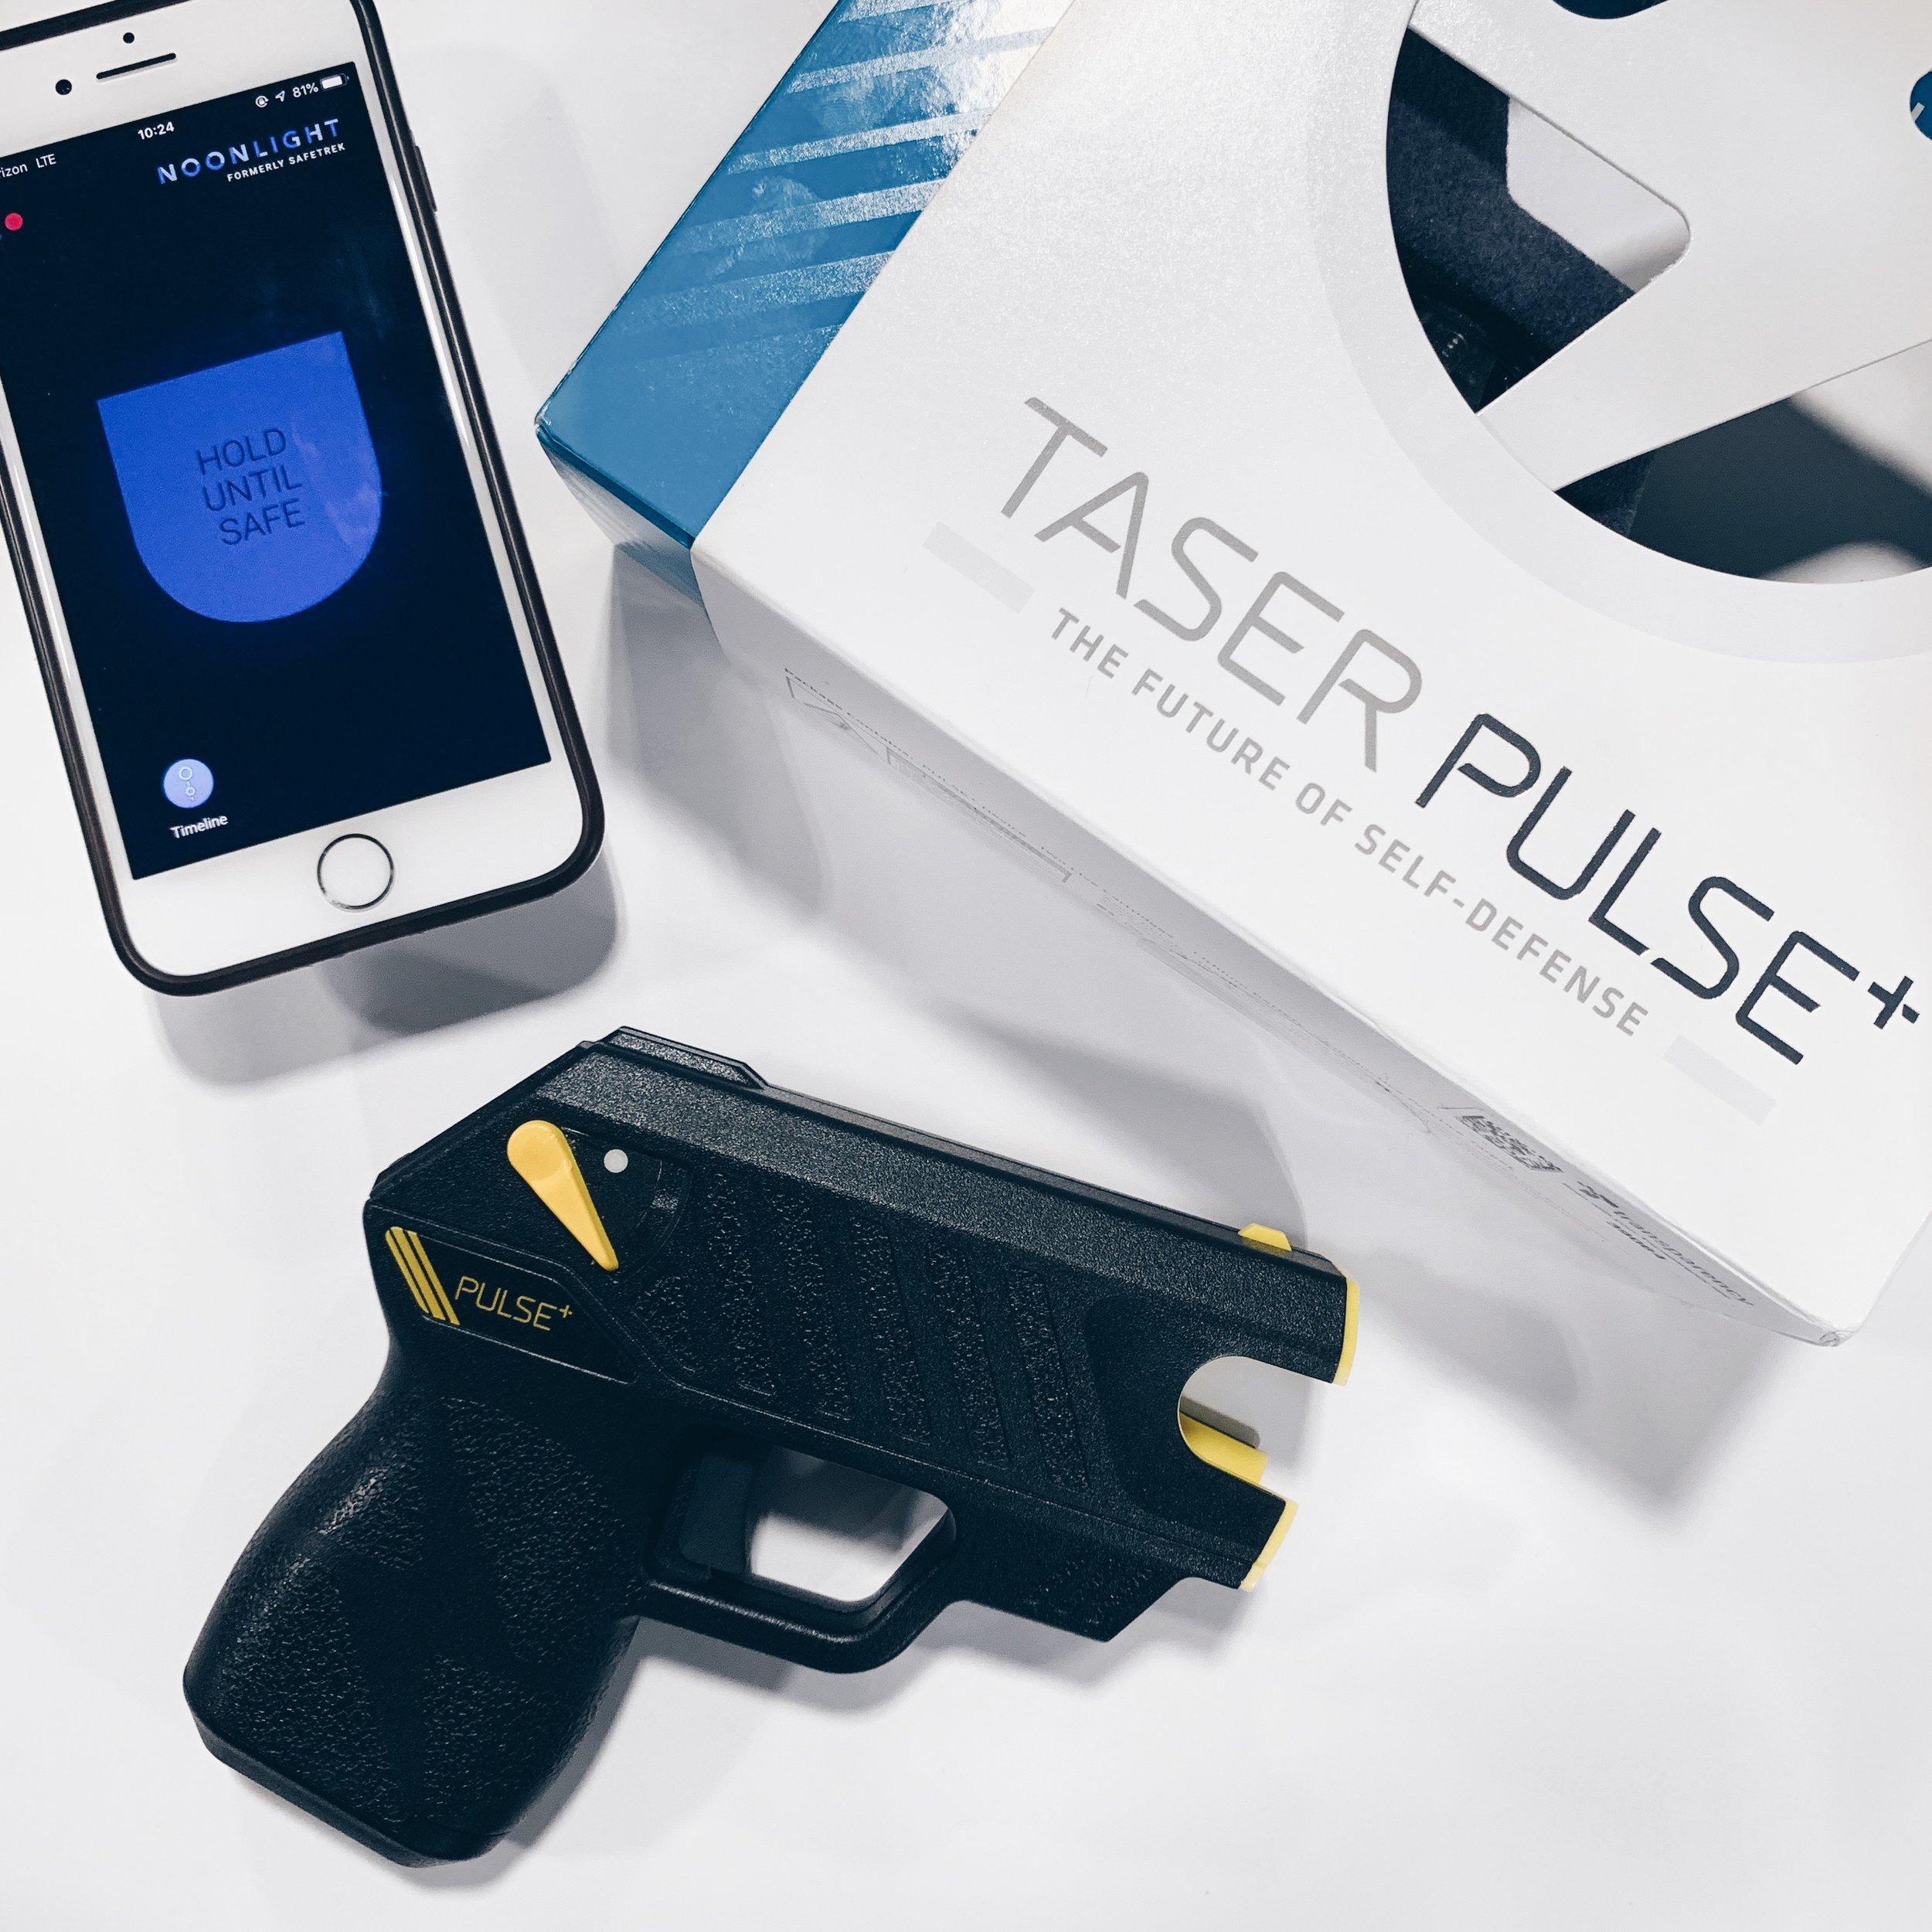 TASER Pulse Plus